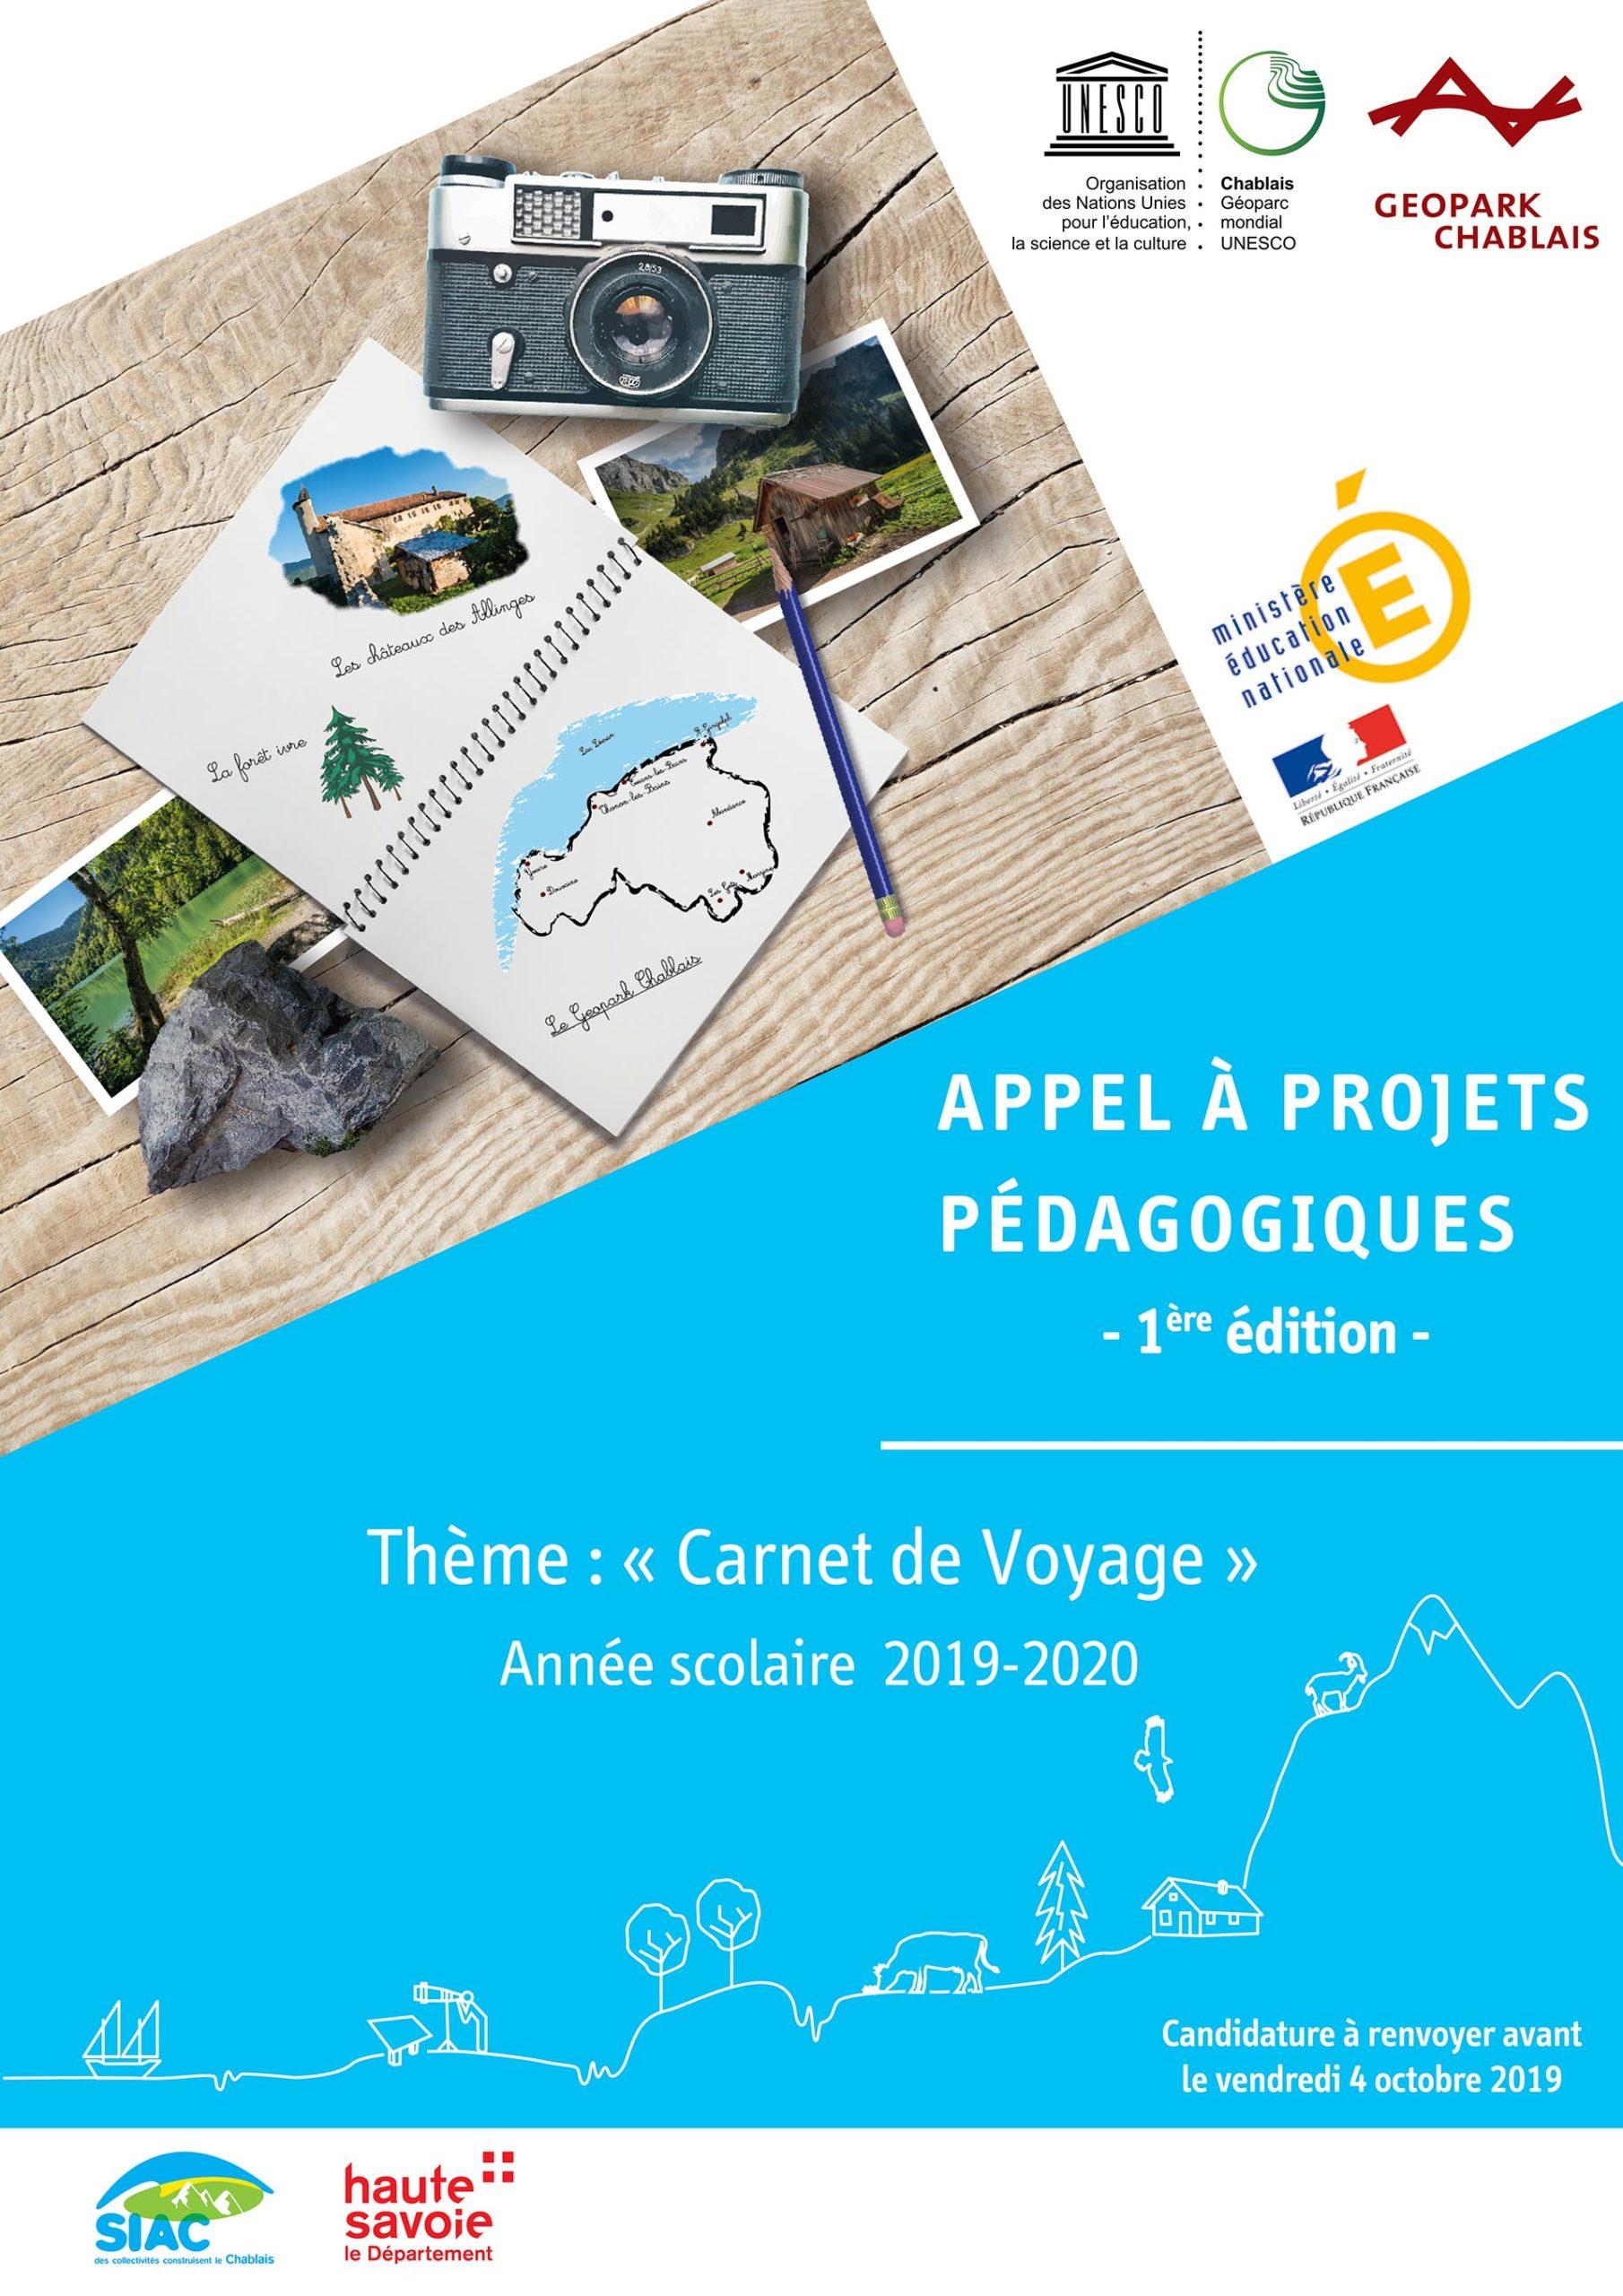 Couverture appel à projets primaire 2019